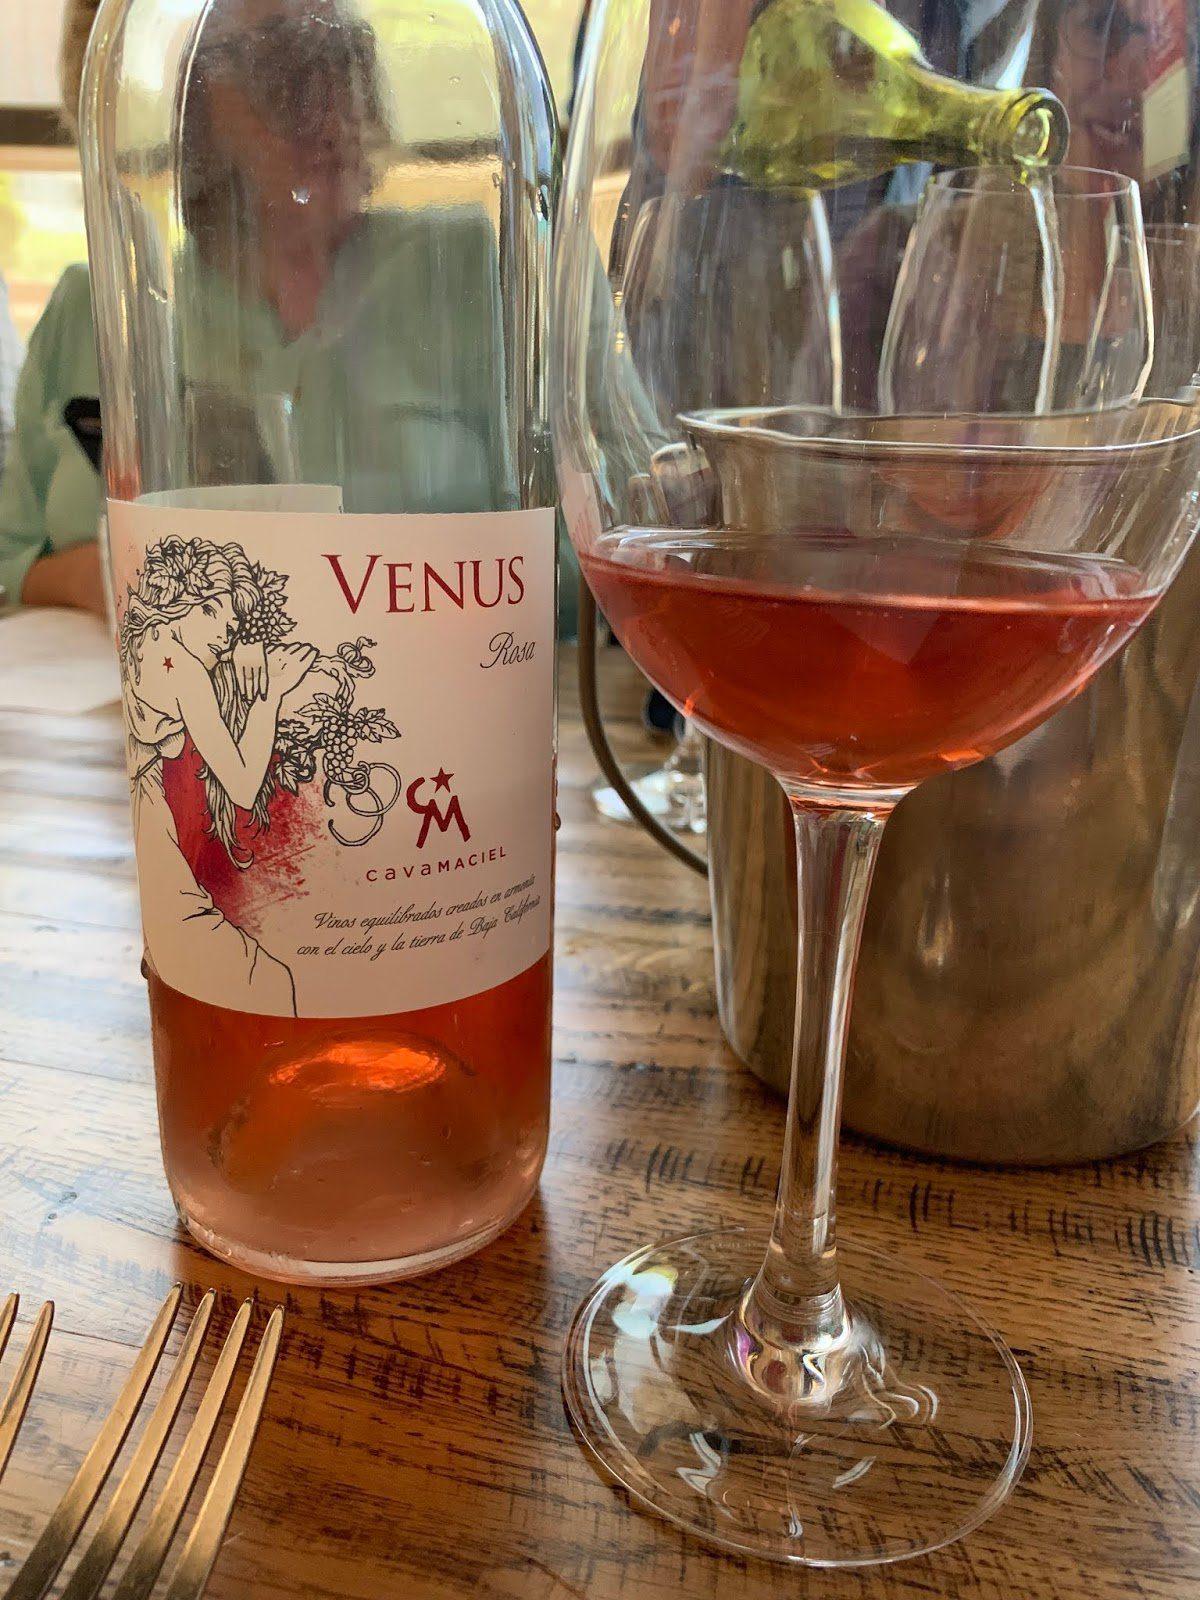 Cavas MacielVenus Rosa of Merlot Valle de Guadalupe